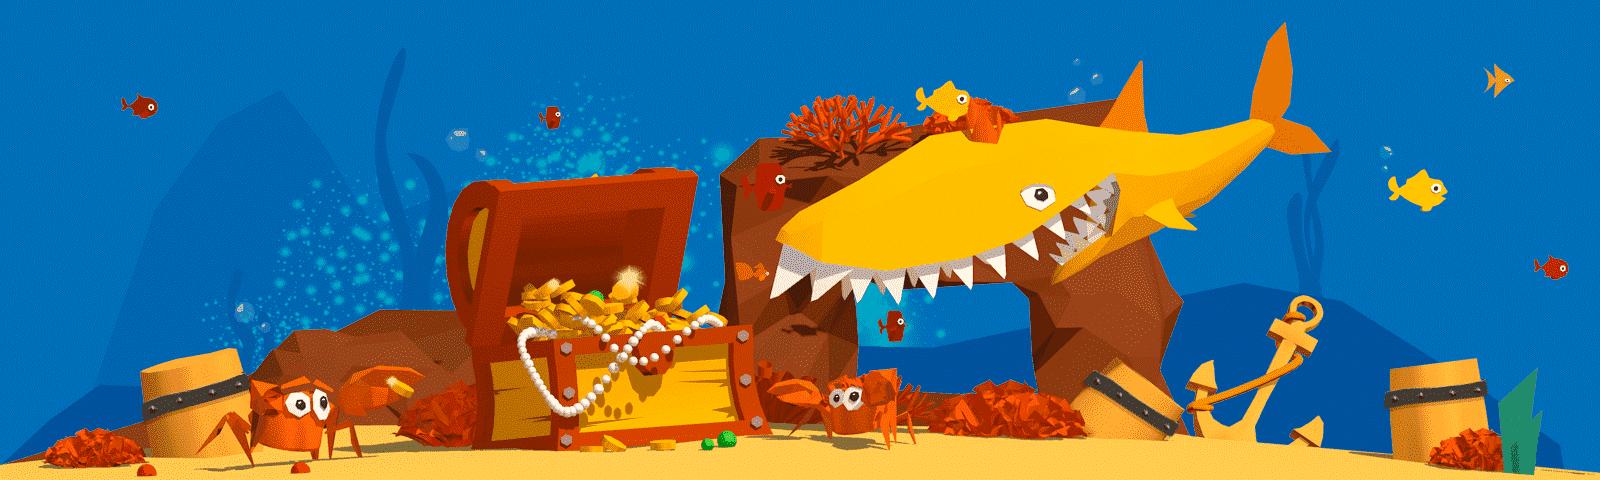 Онлайн игры для мальчиков 5-6 лет бесплатно на канале Карусель